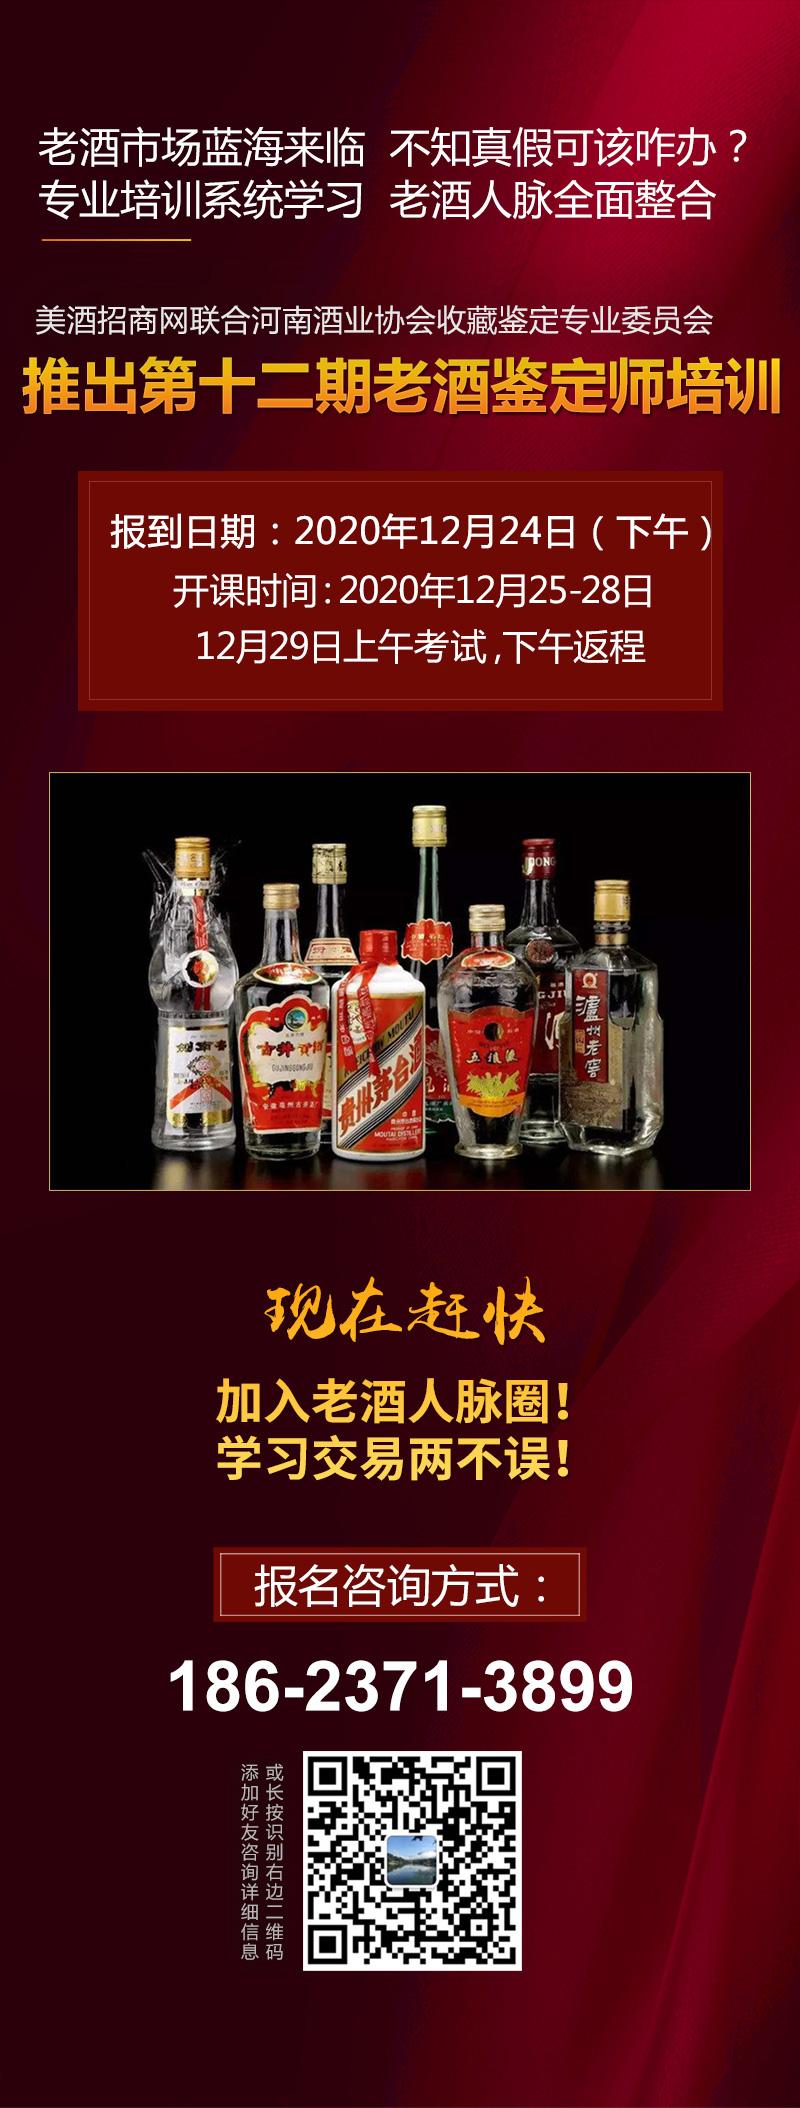 第十二期中国陈年老酒鉴定培训通知